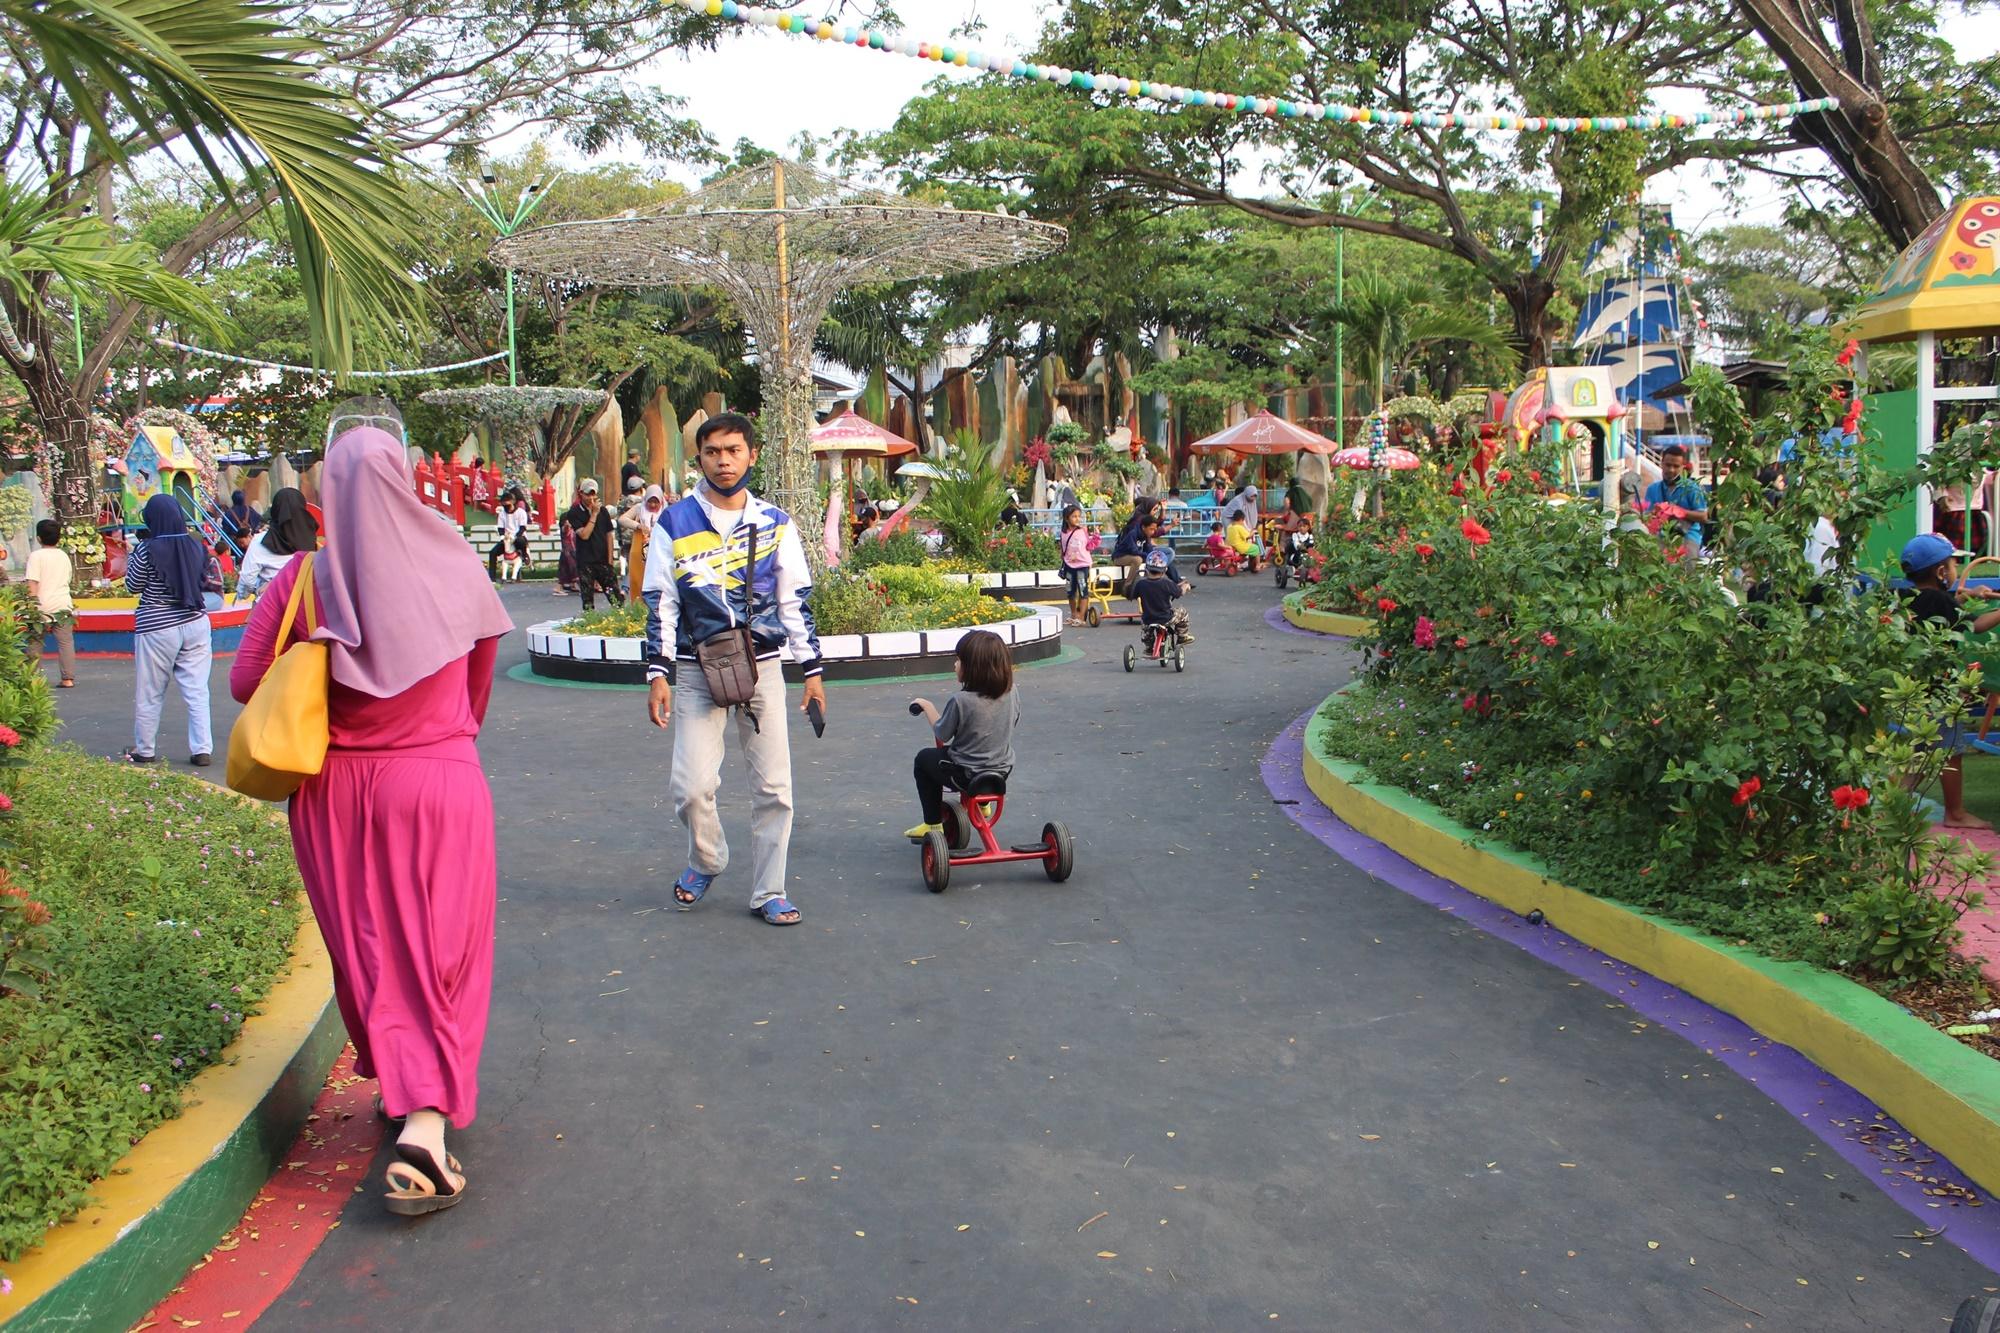 Pengunjung berkeliling taman dengan sepeda